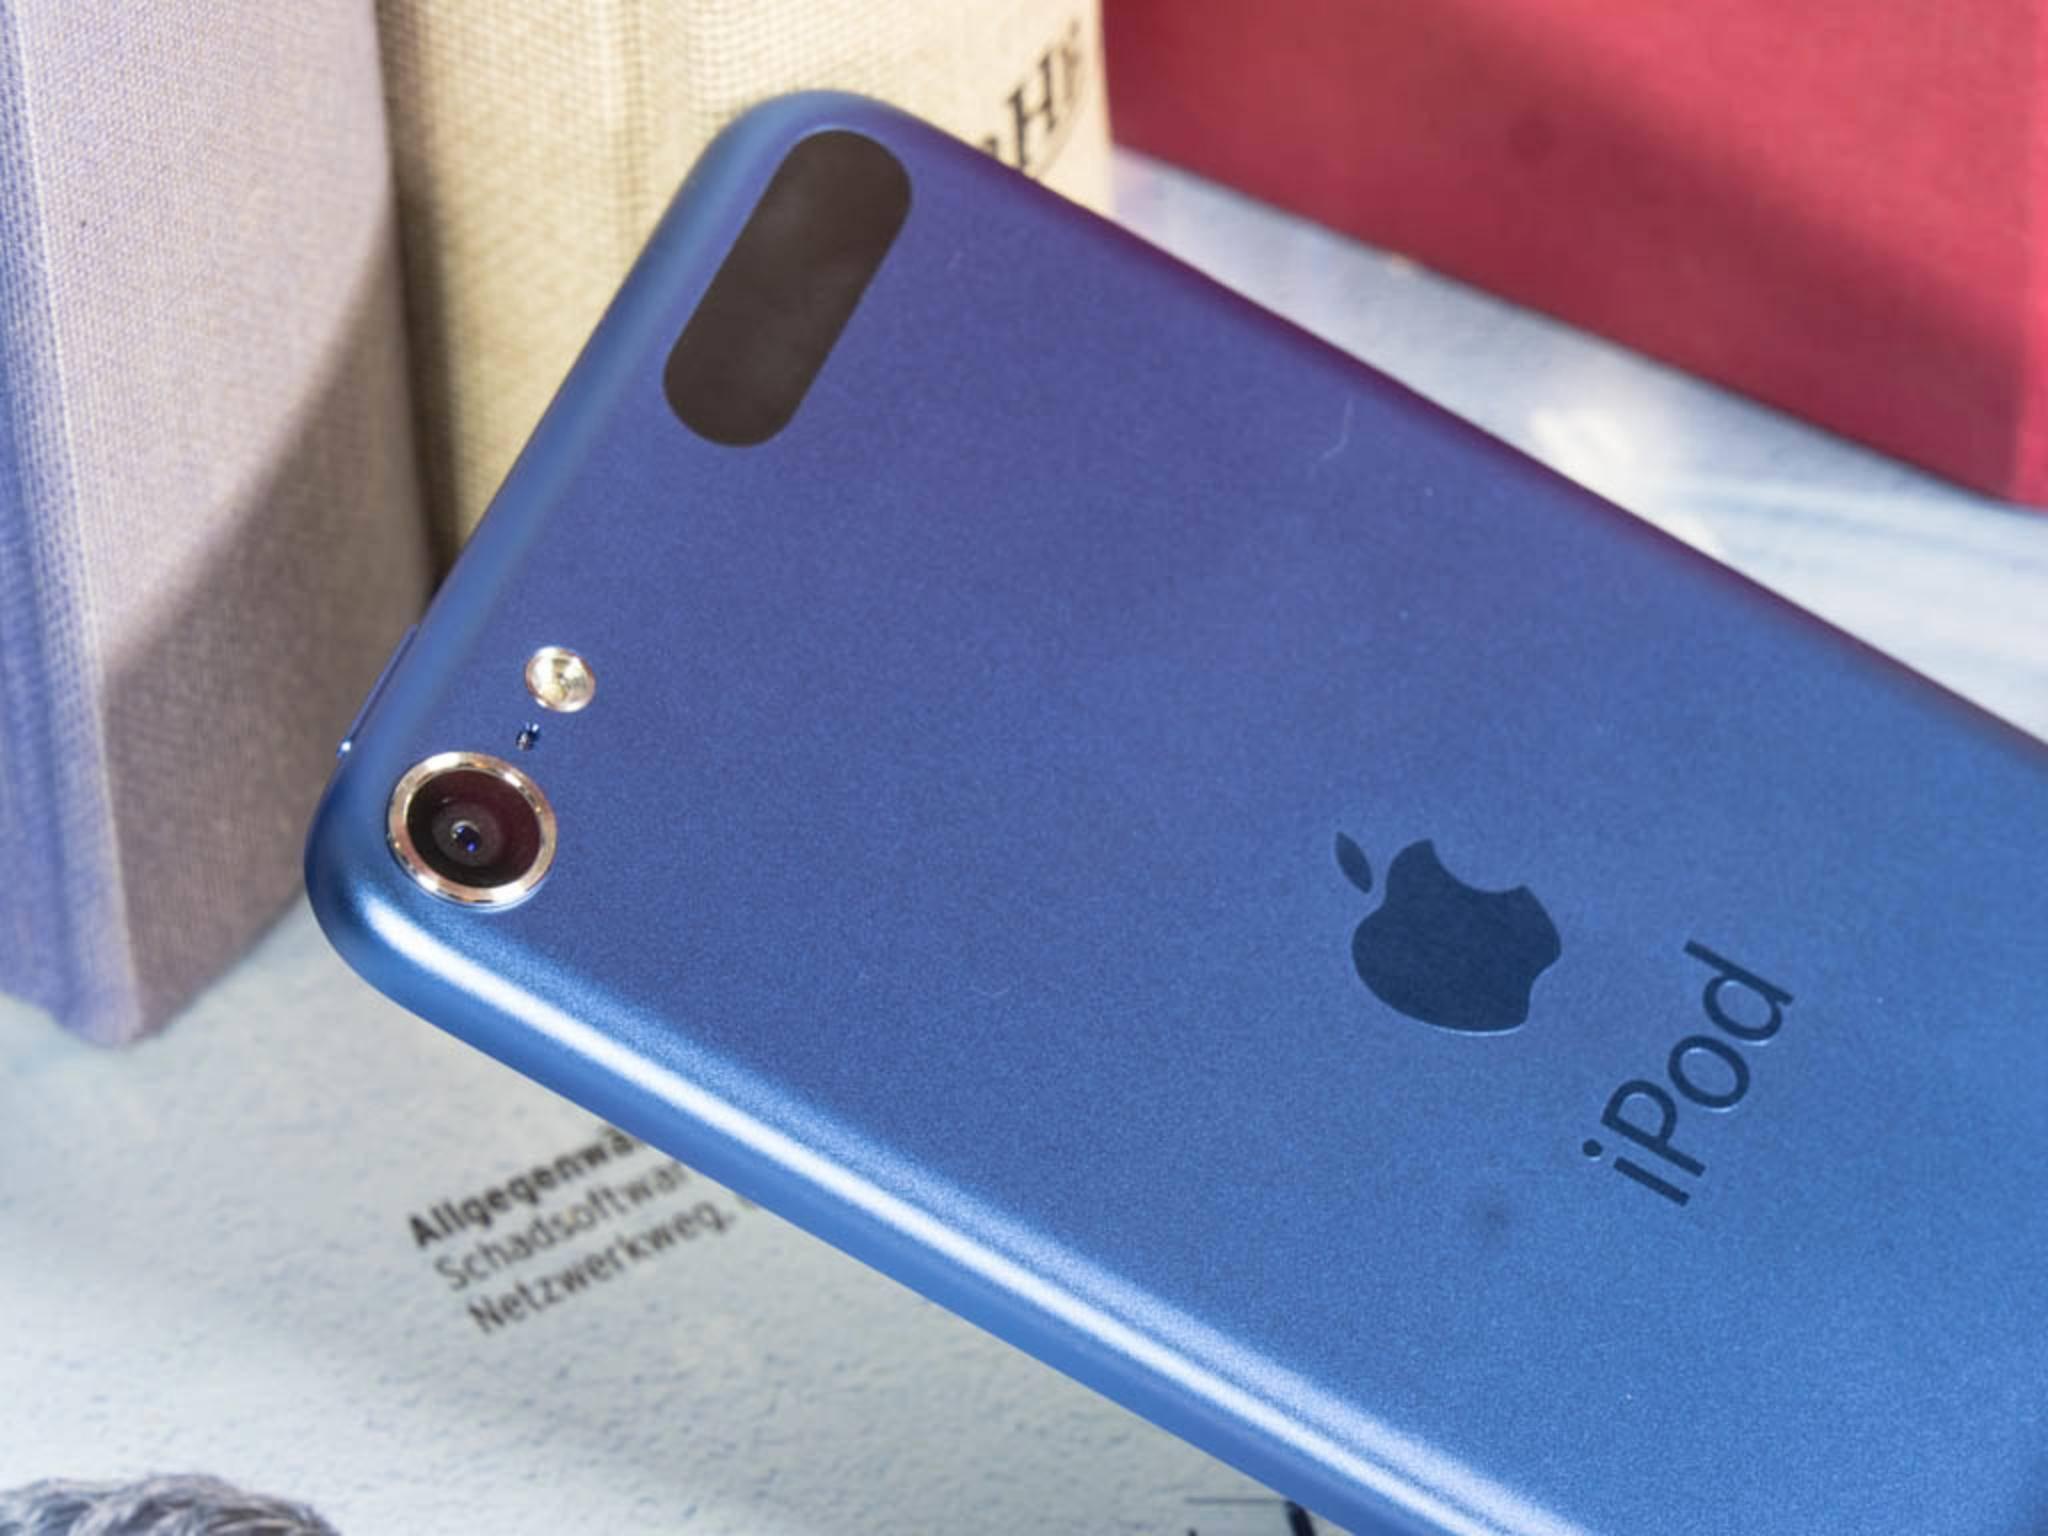 Beim iPod touch vertraut Apple bereits auf Blau – demnächst auch beim iPhone 7?